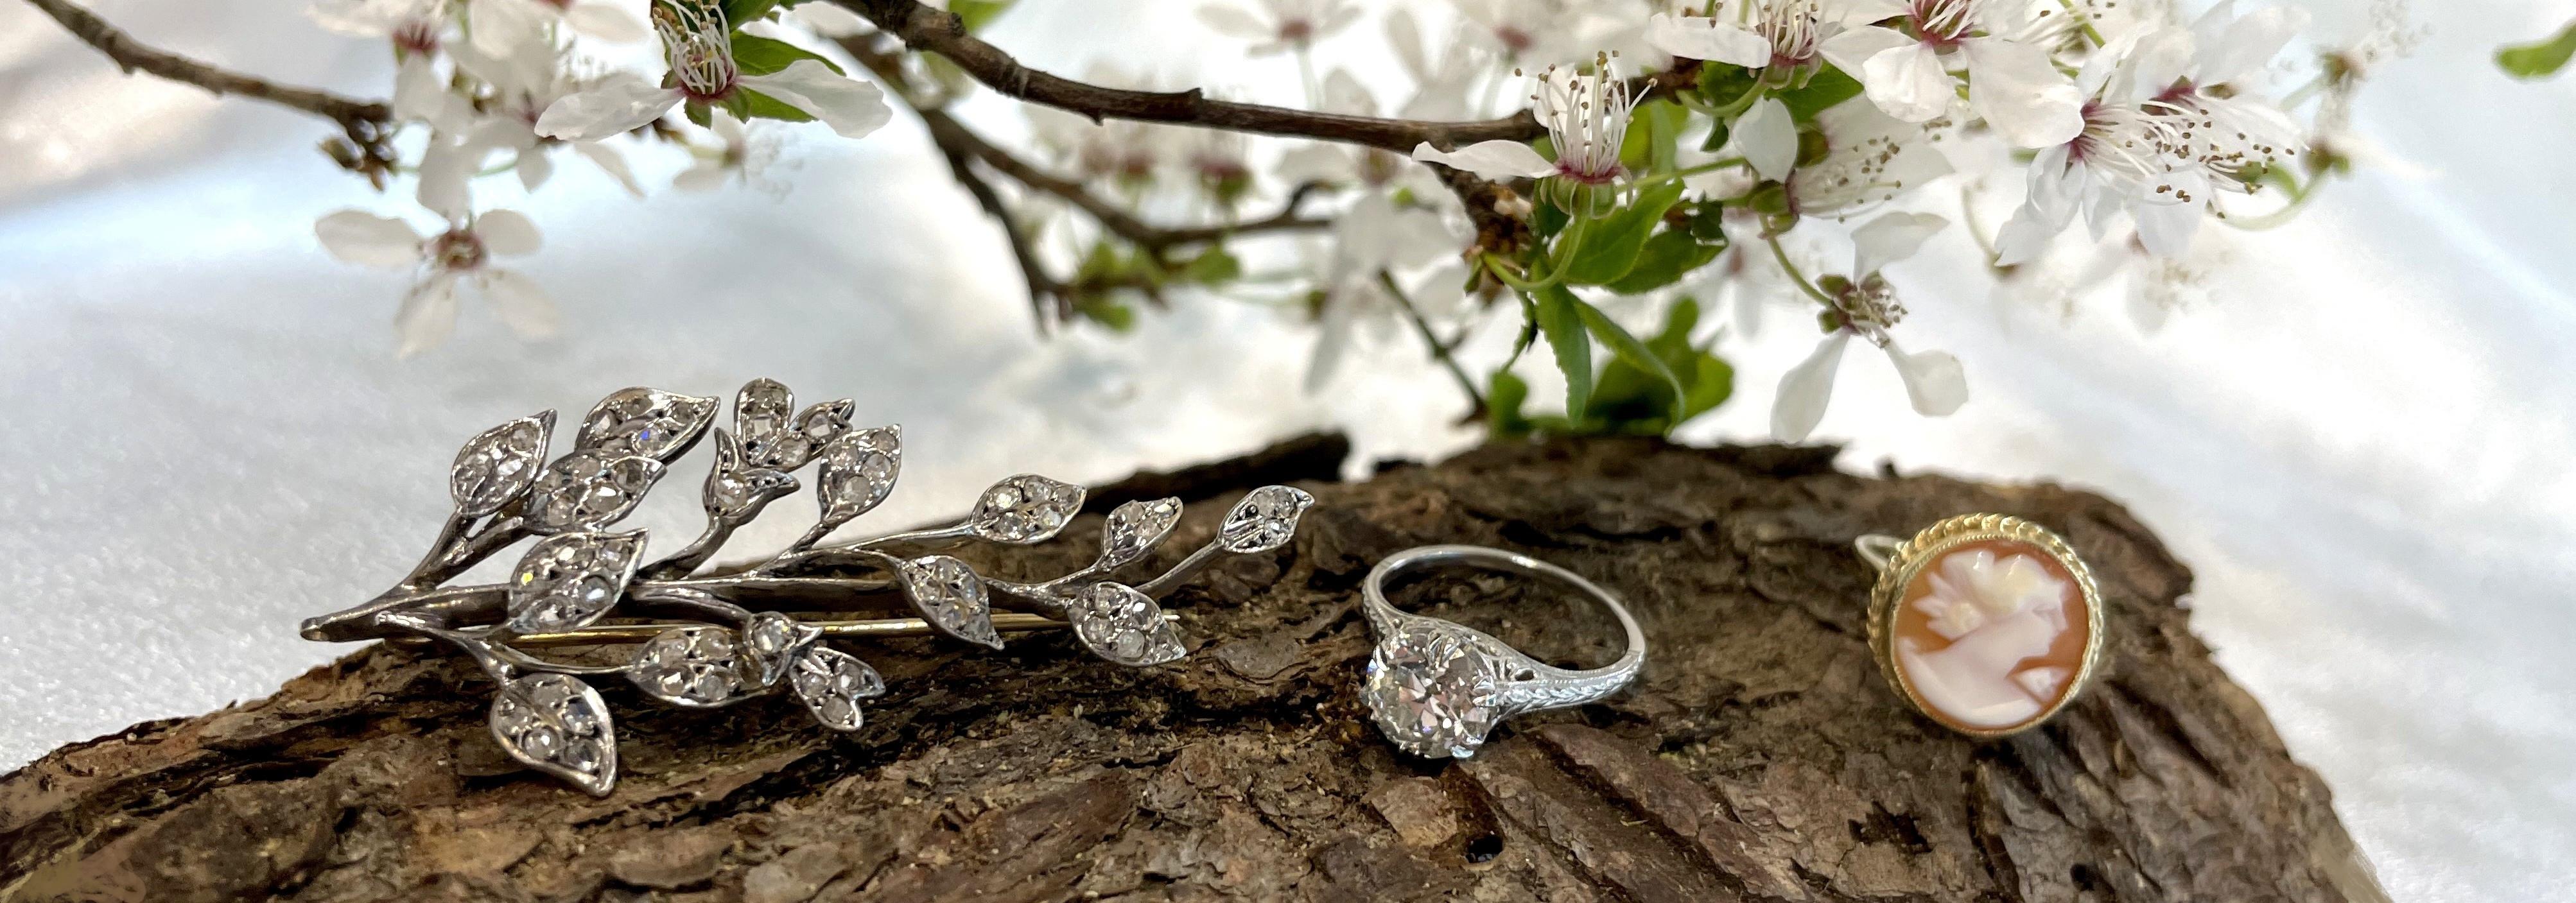 Starožitné šperky jako součást uvědomělé módy